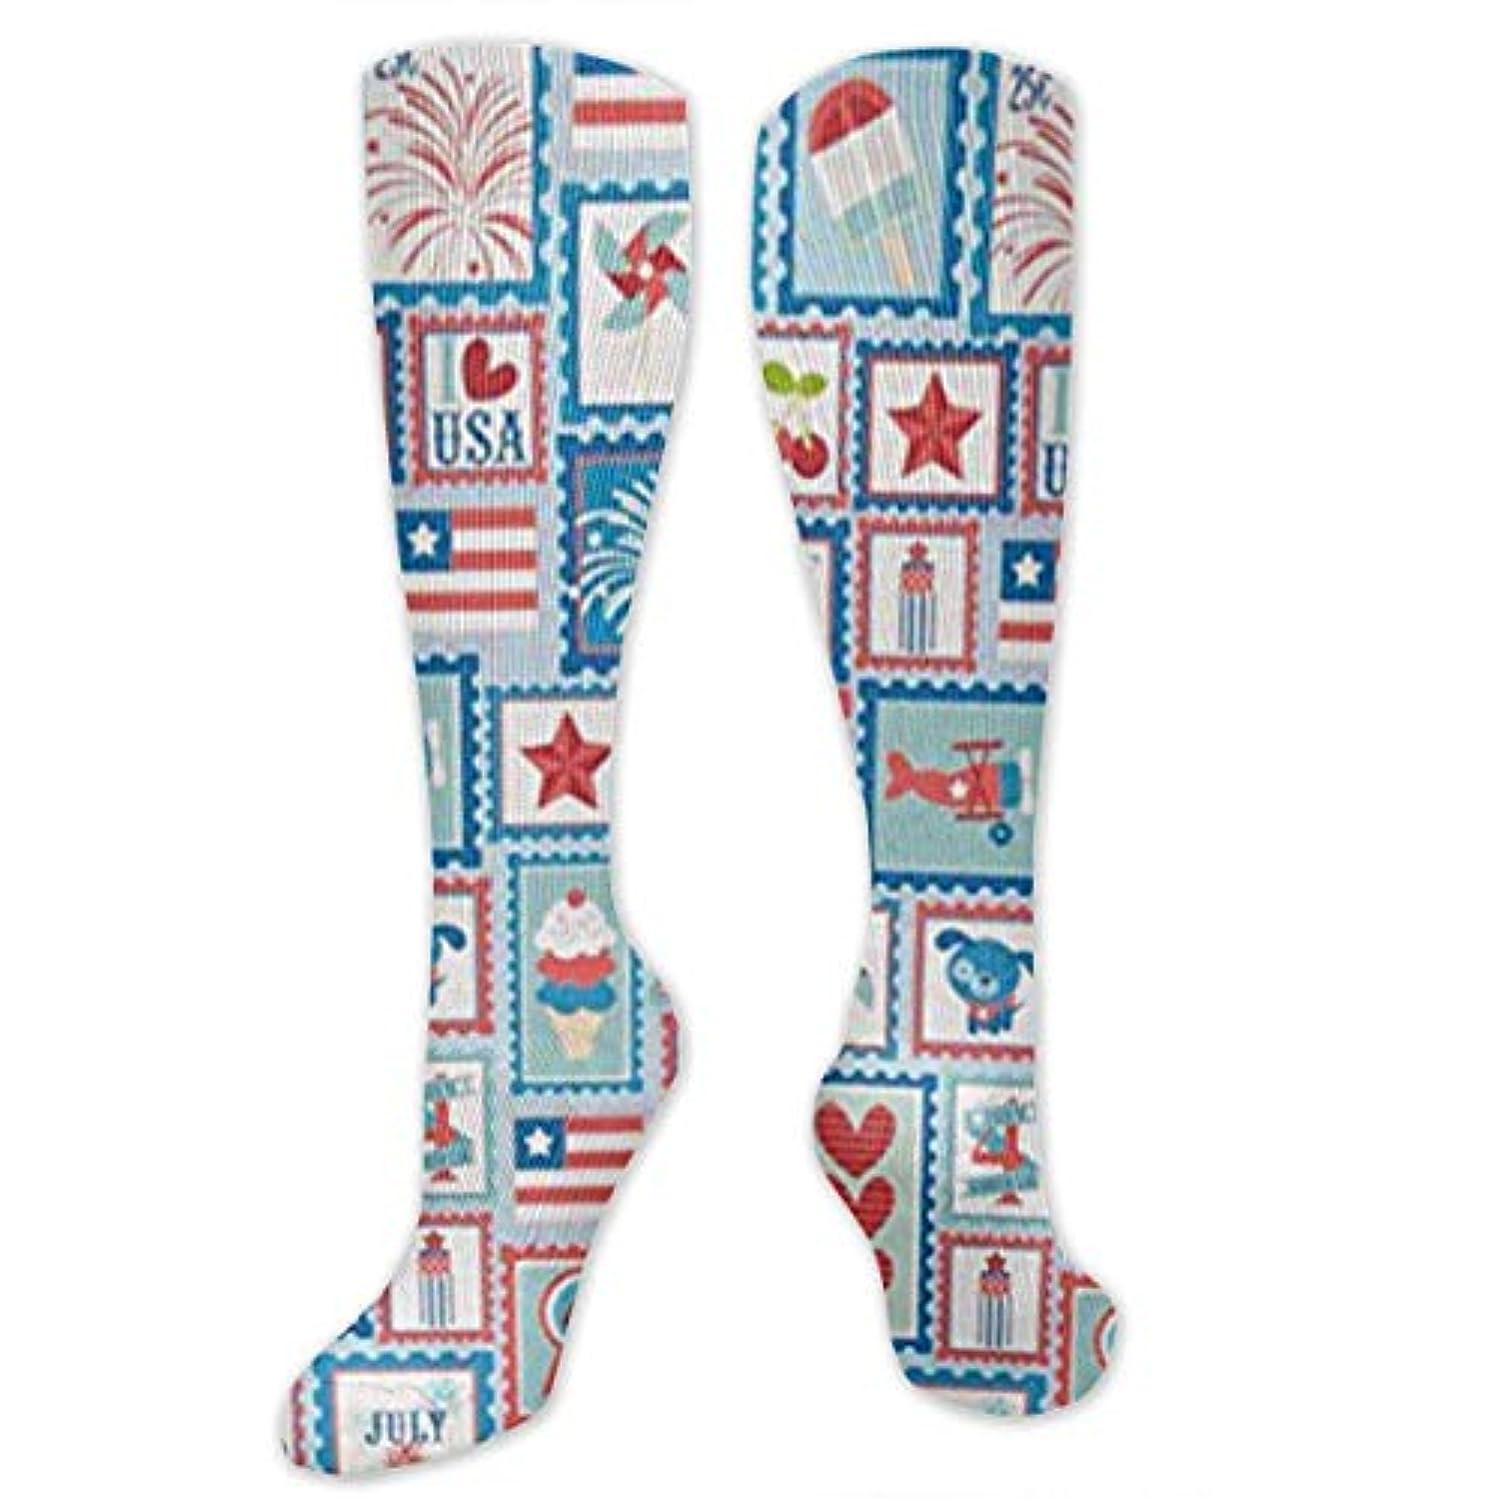 自我はっきりしないモバイル靴下,ストッキング,野生のジョーカー,実際,秋の本質,冬必須,サマーウェア&RBXAA Star Spangled Patchwork Stripe Blue Socks Women's Winter Cotton Long...